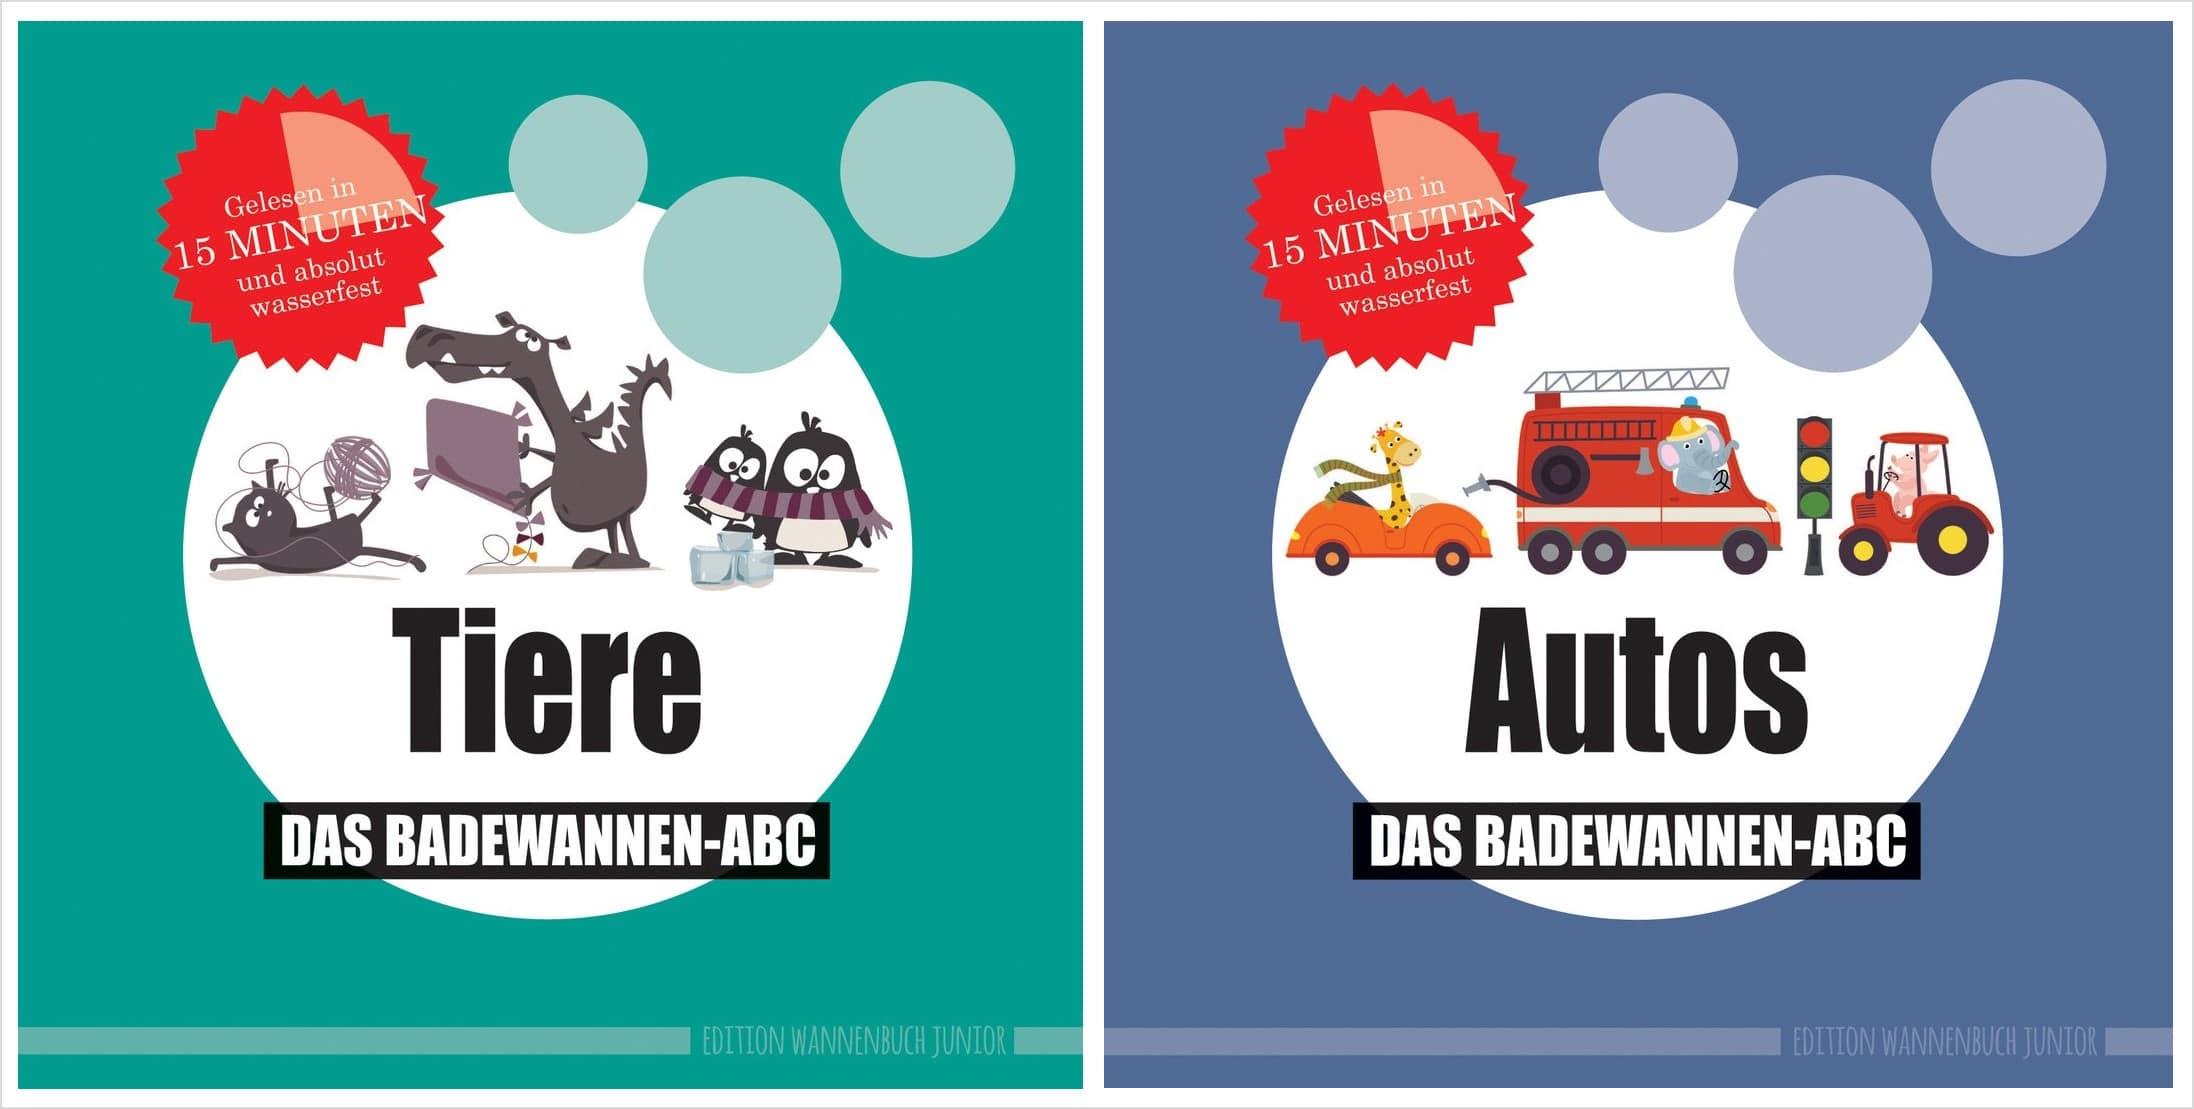 Das Badewannen-ABC